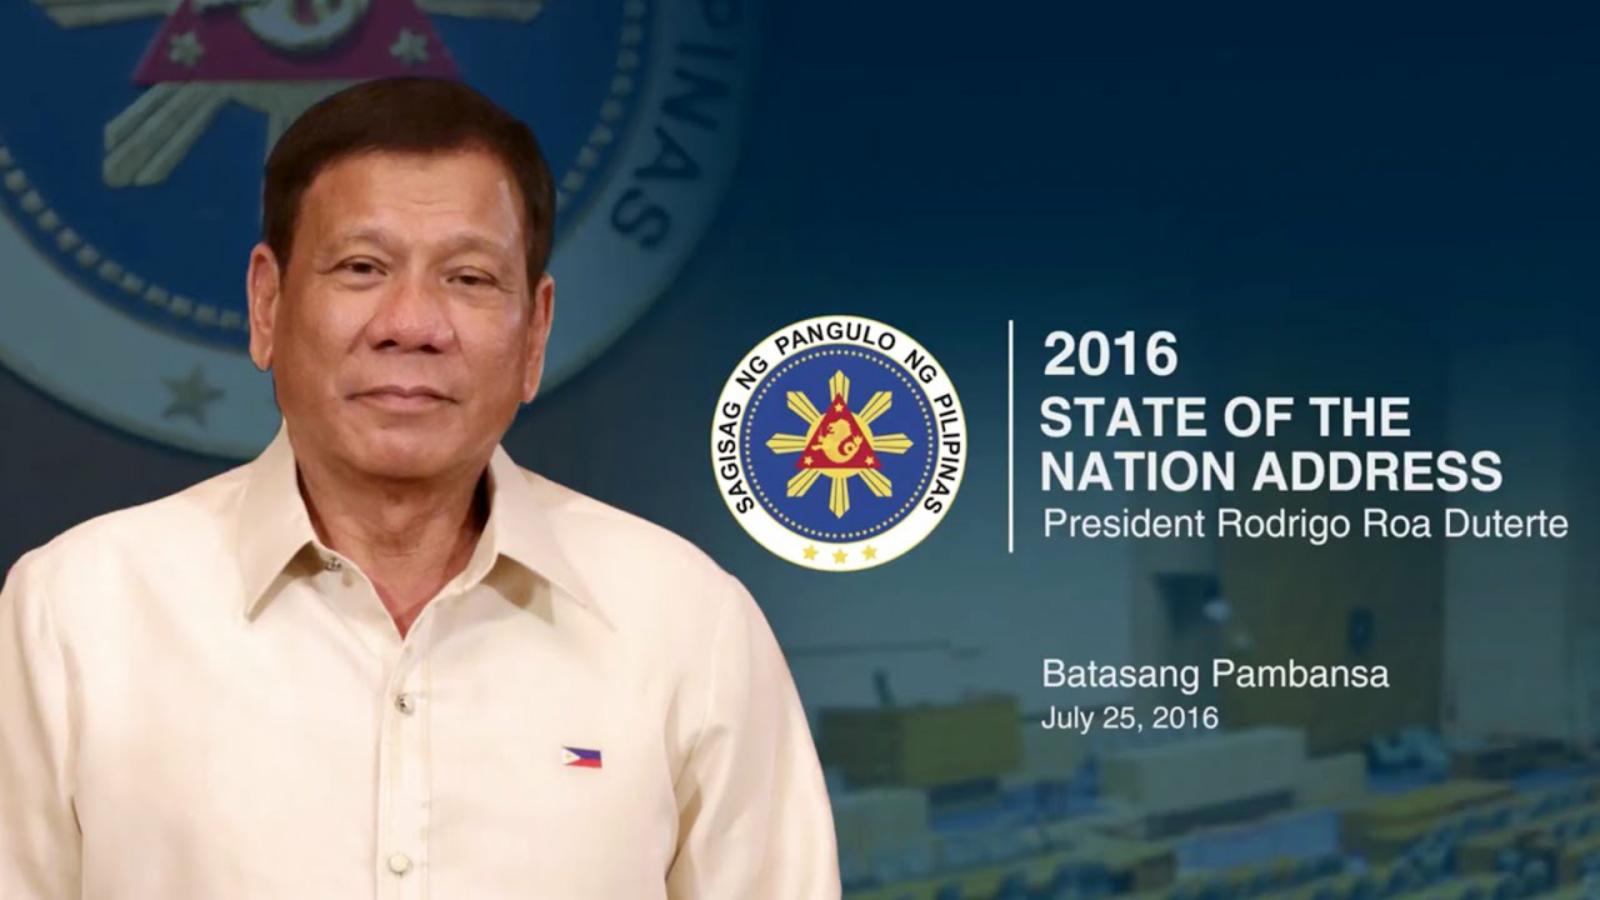 Duterte SONA 2016 speech